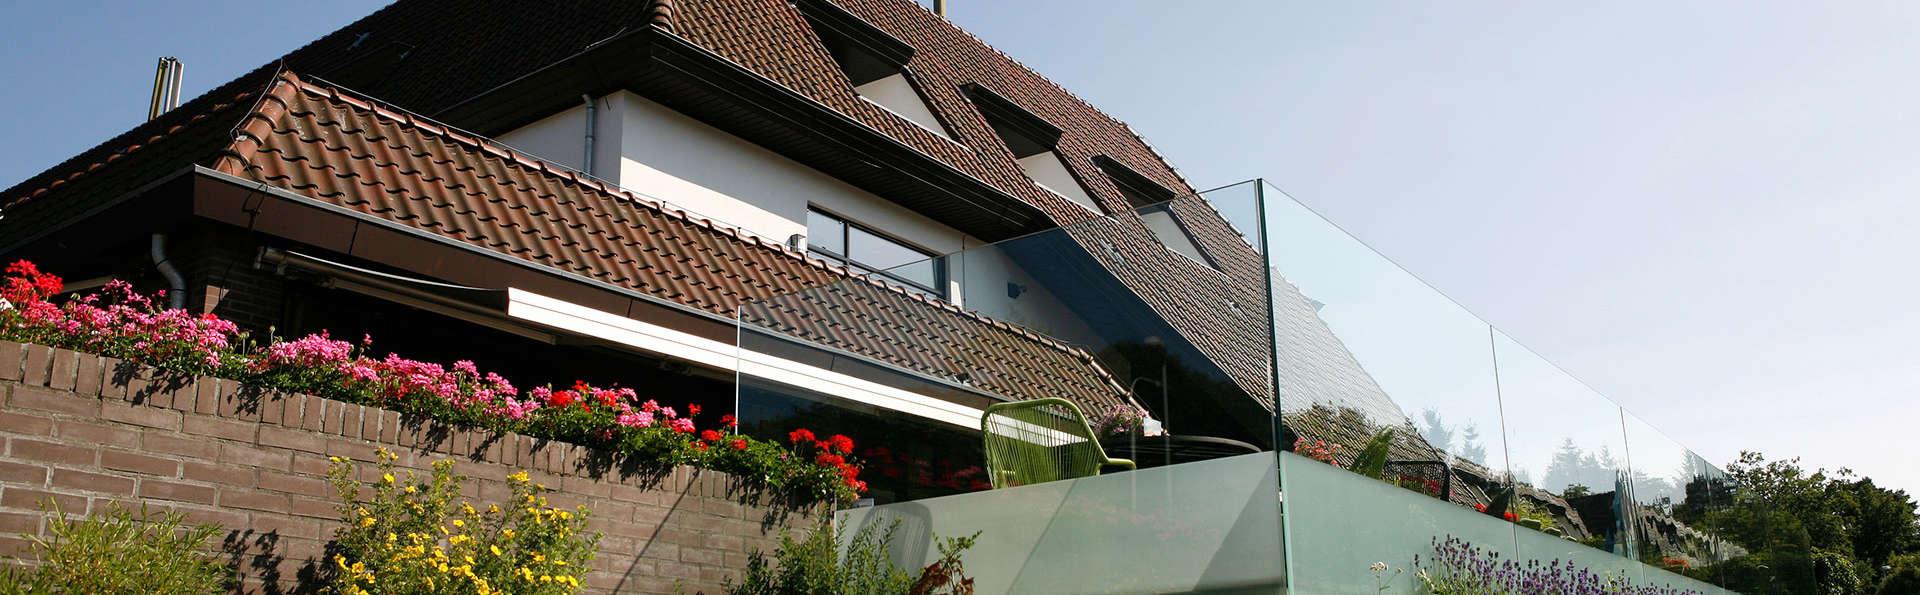 Van der Valk Hotel Arnhem - edit_front.jpg